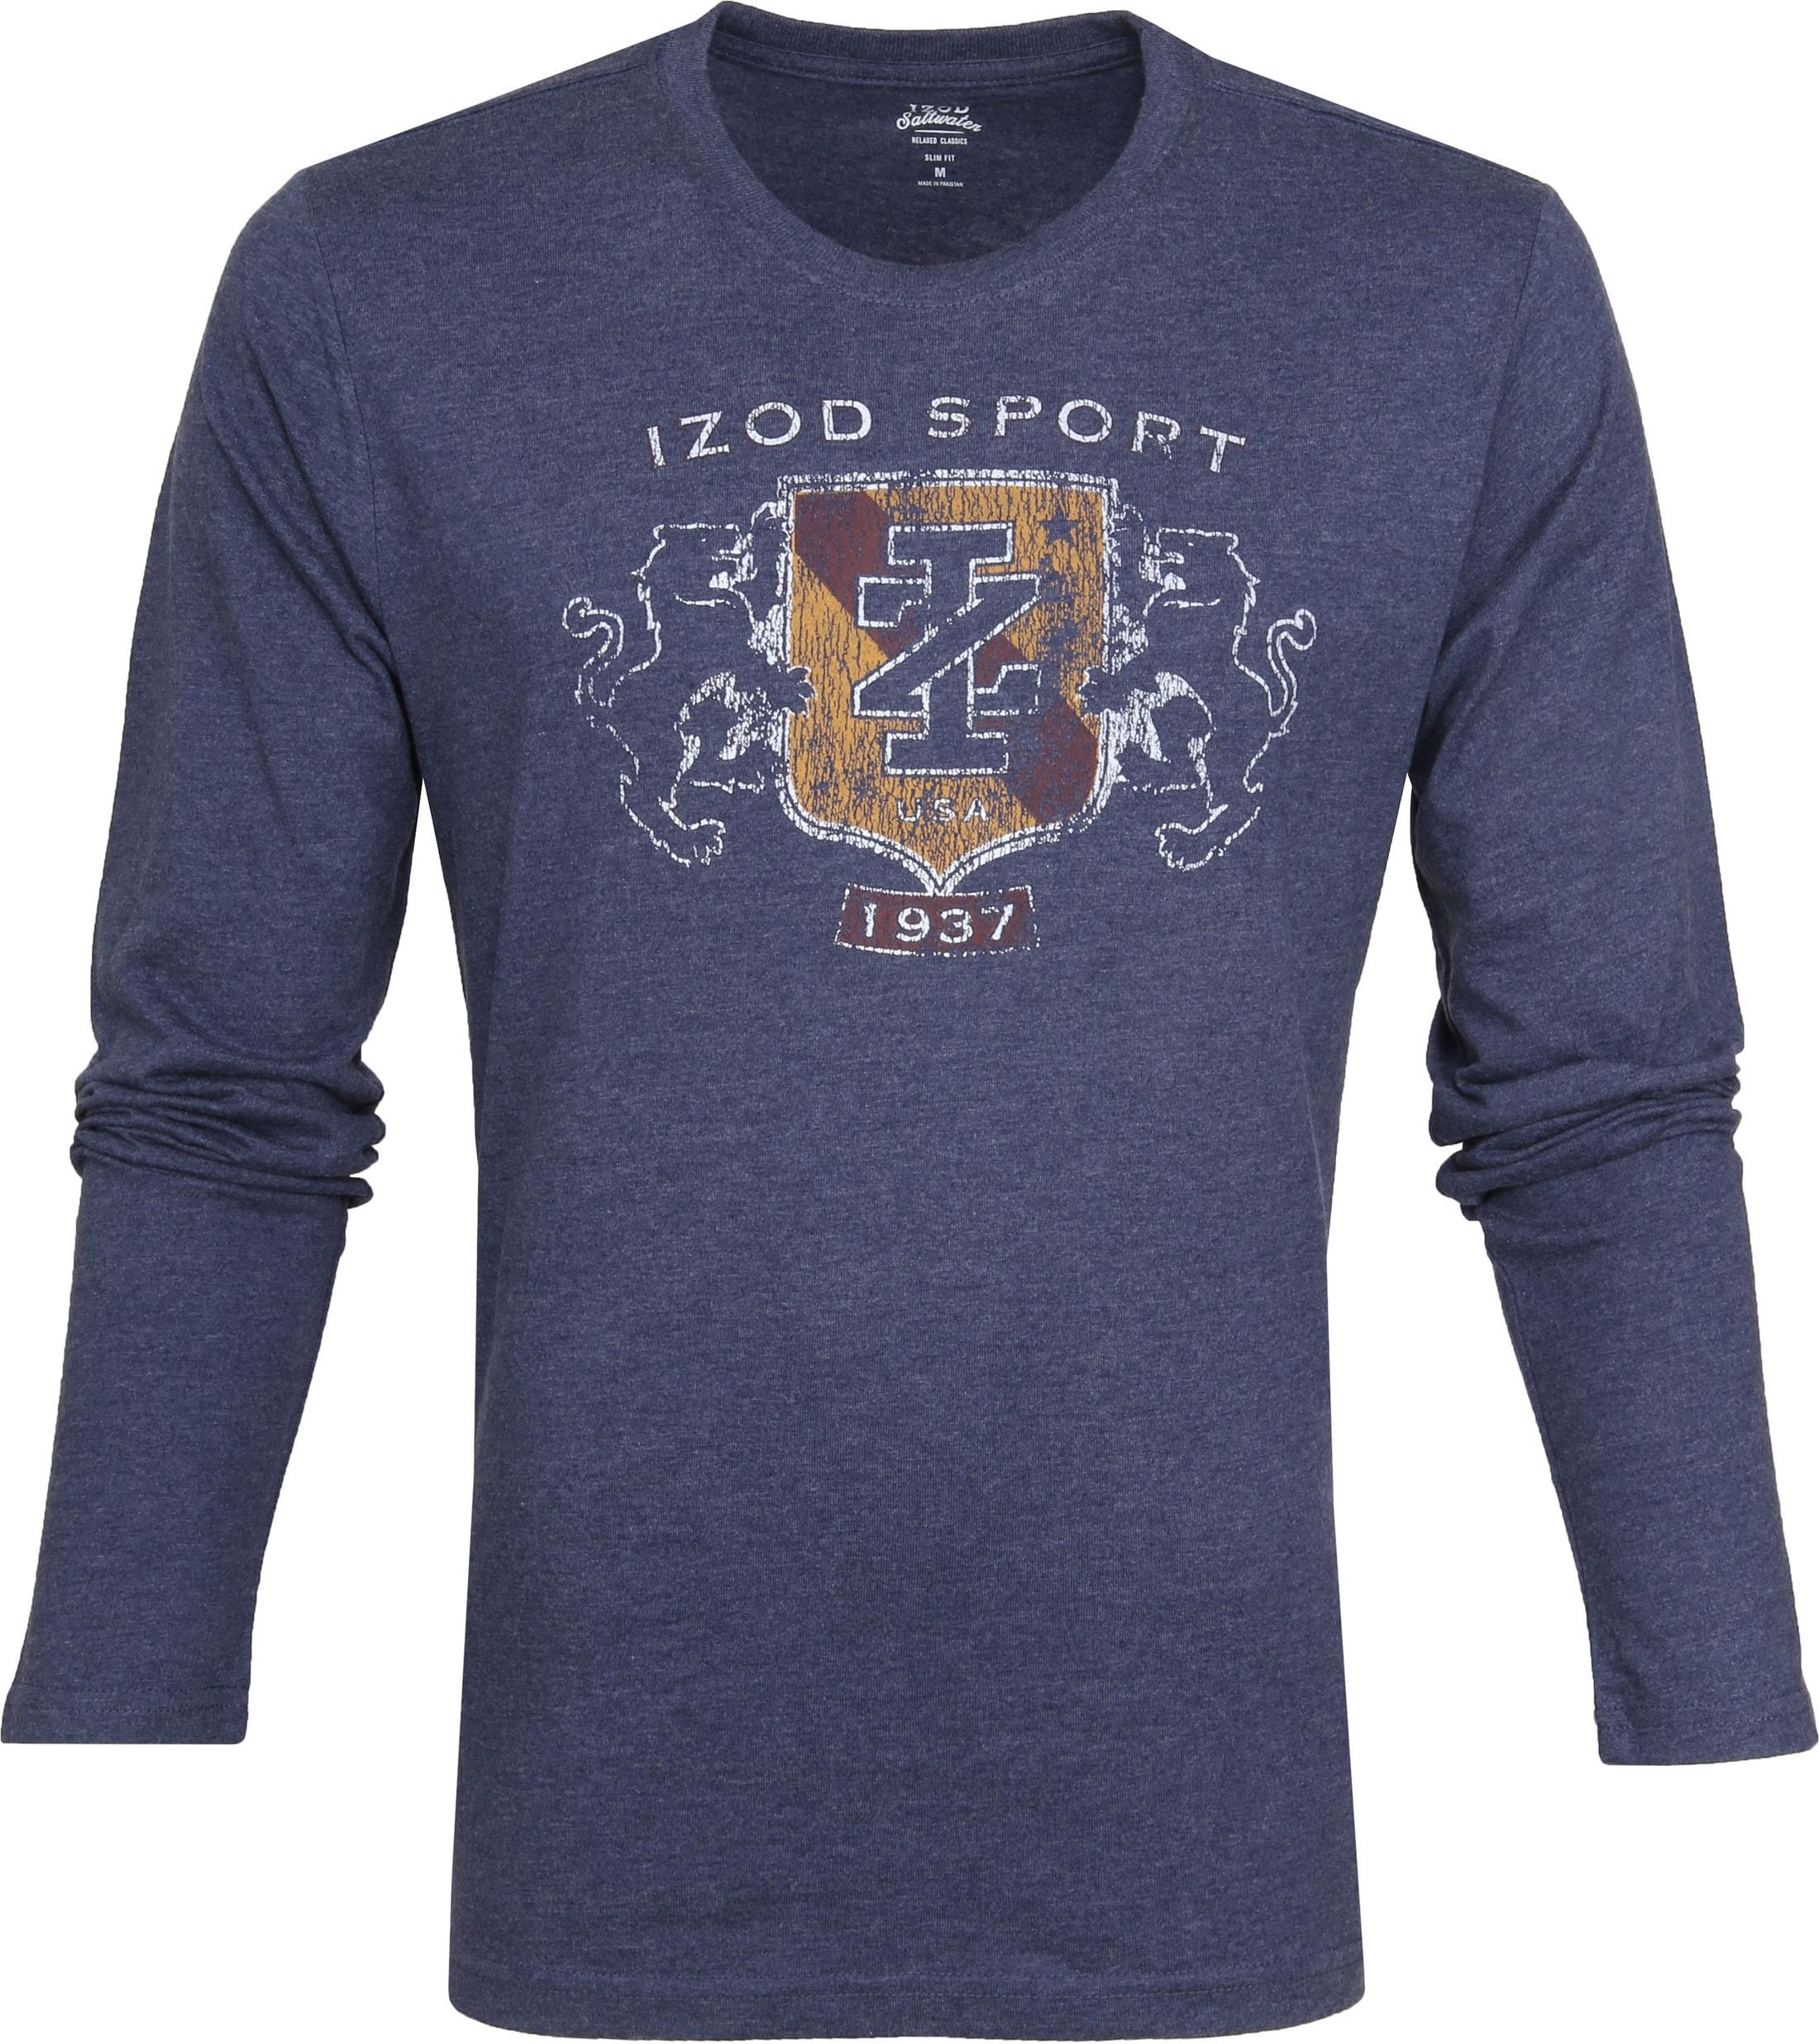 IZOD T-shirt LS Logo Blue foto 0